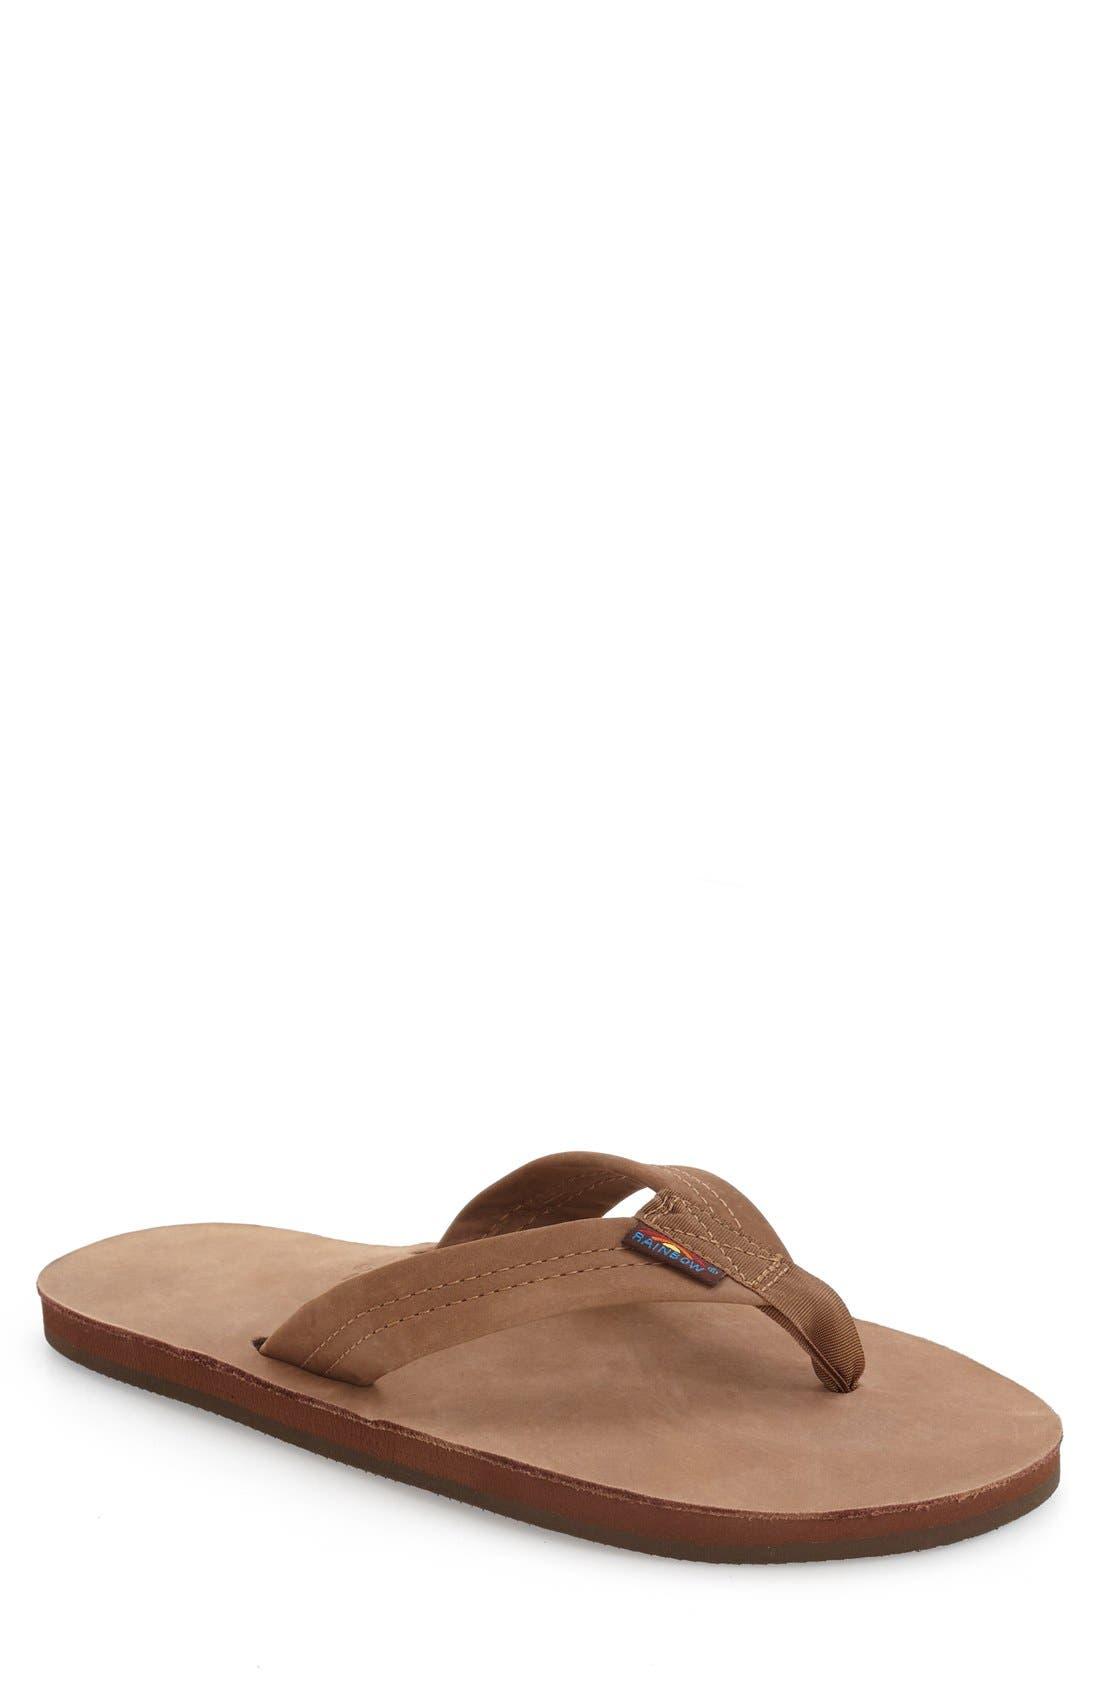 '301Alts' Sandal,                         Main,                         color, DARK BROWN